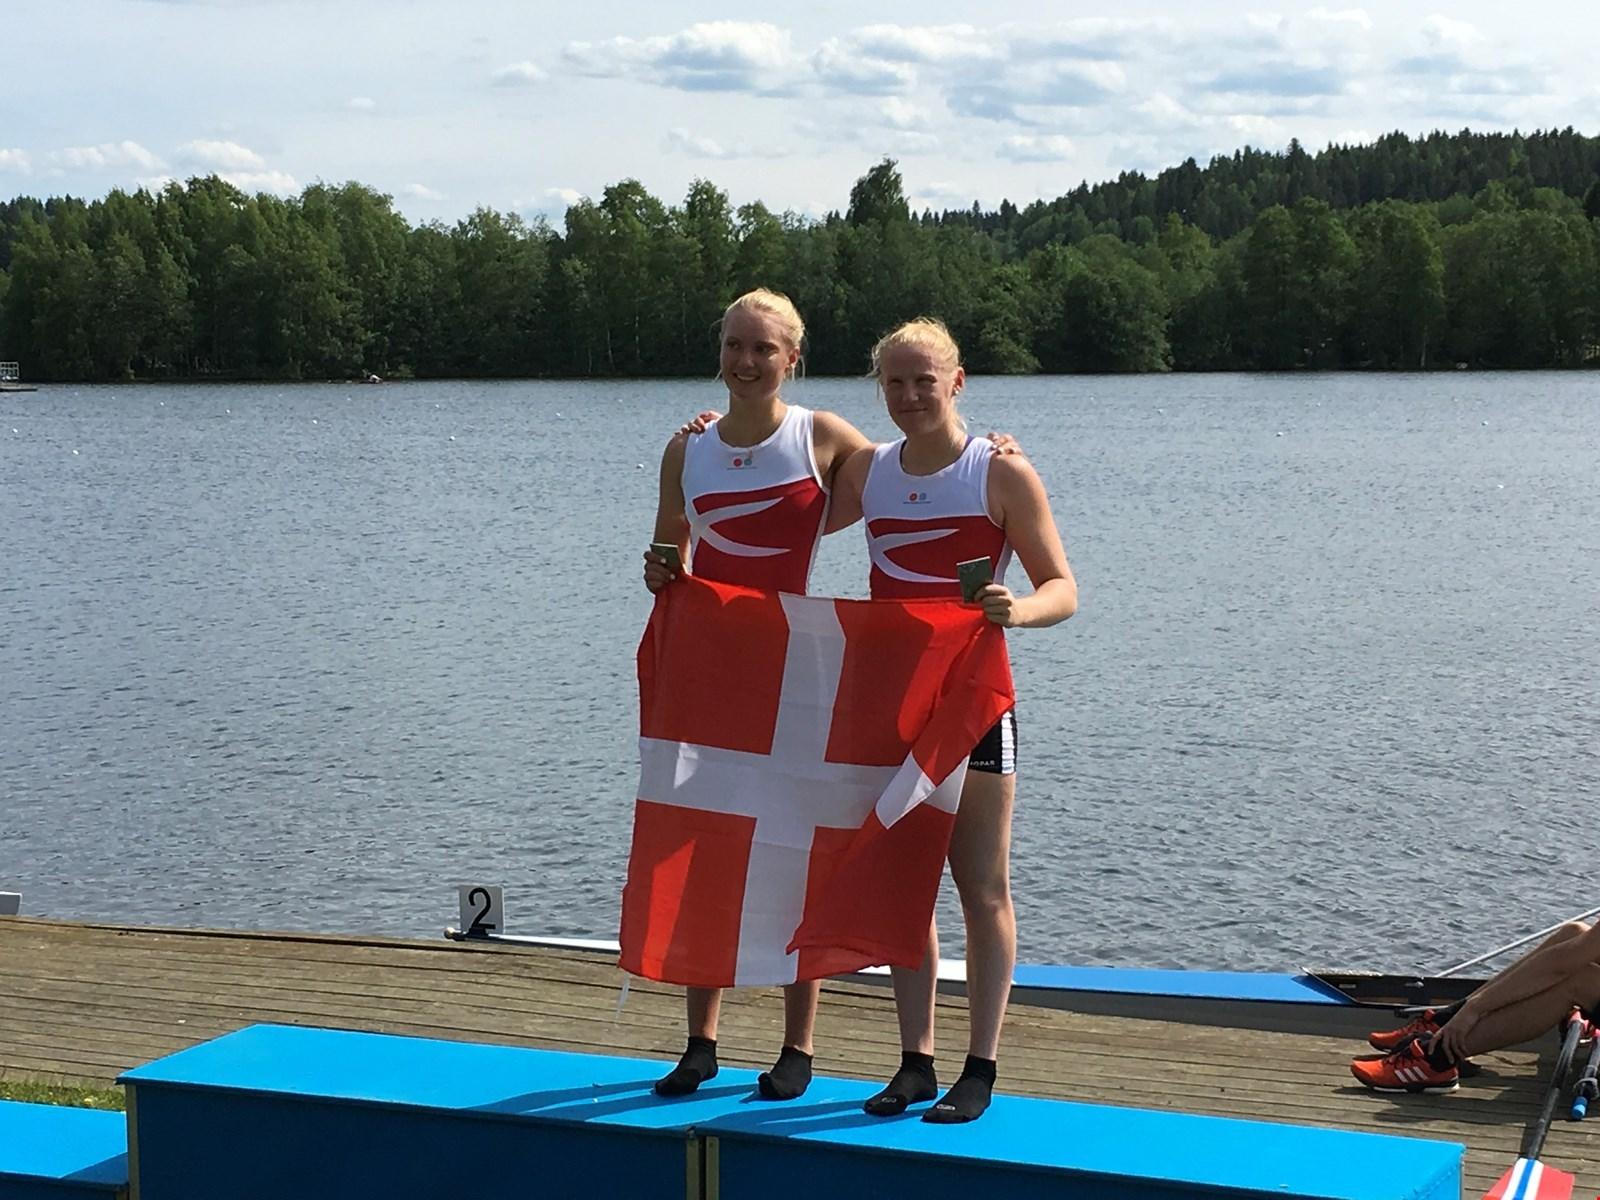 Mette Køchs, Aarhus Roklub og Liane Vestergaard, Hadsund Roklub har vundet NM i dobbeltsculler.